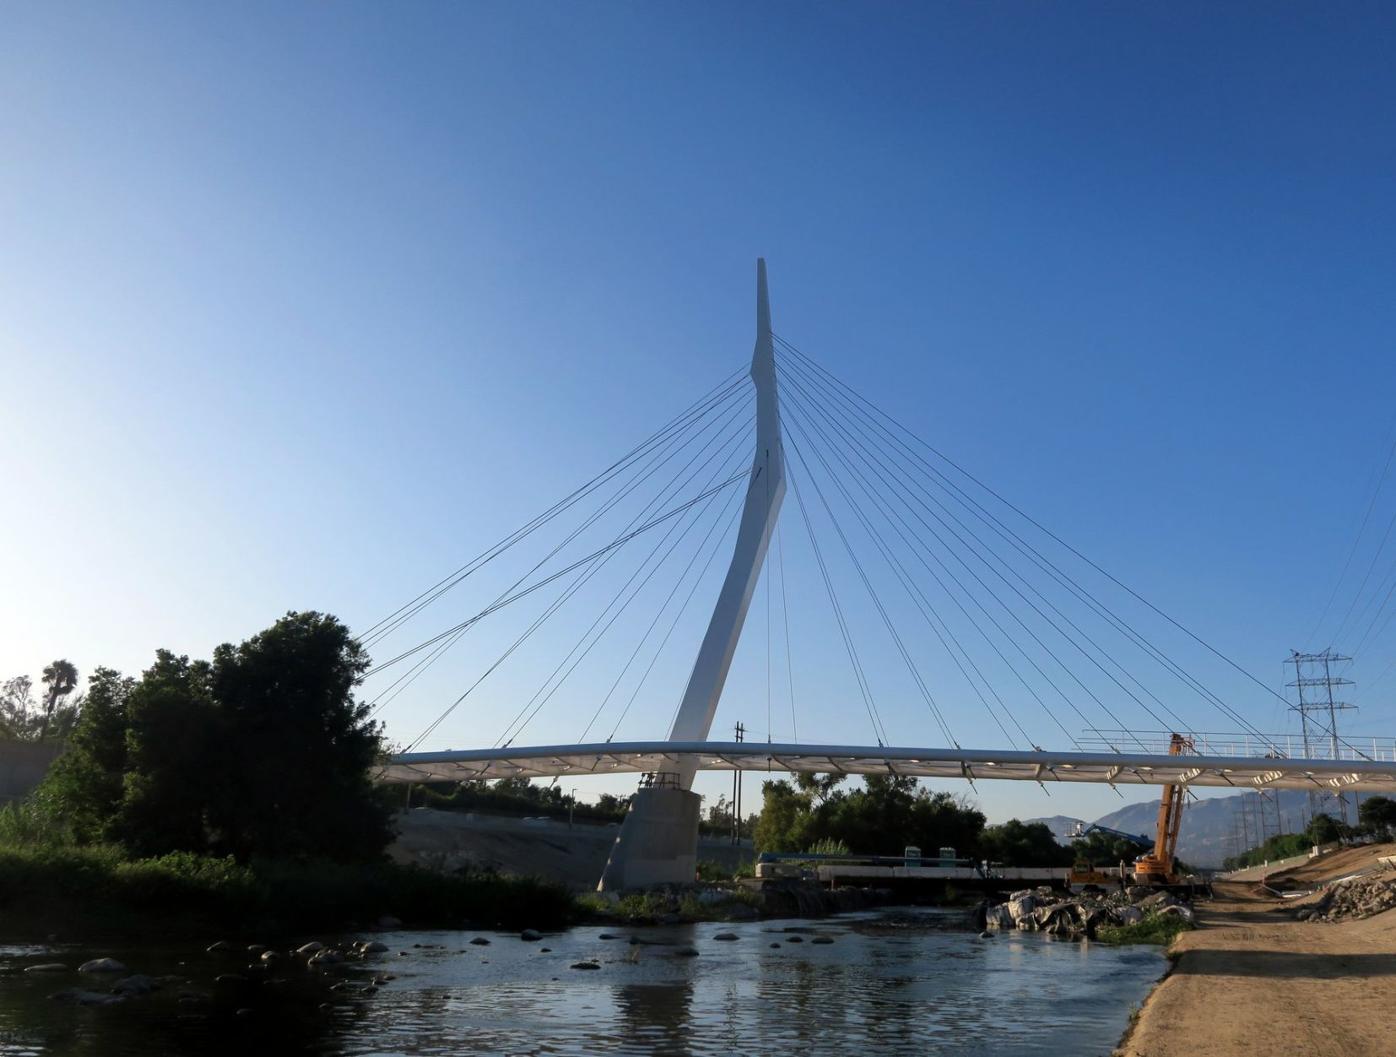 North Atwater Bridge under construction 8-17-2019 6-34-52 PM.JPG